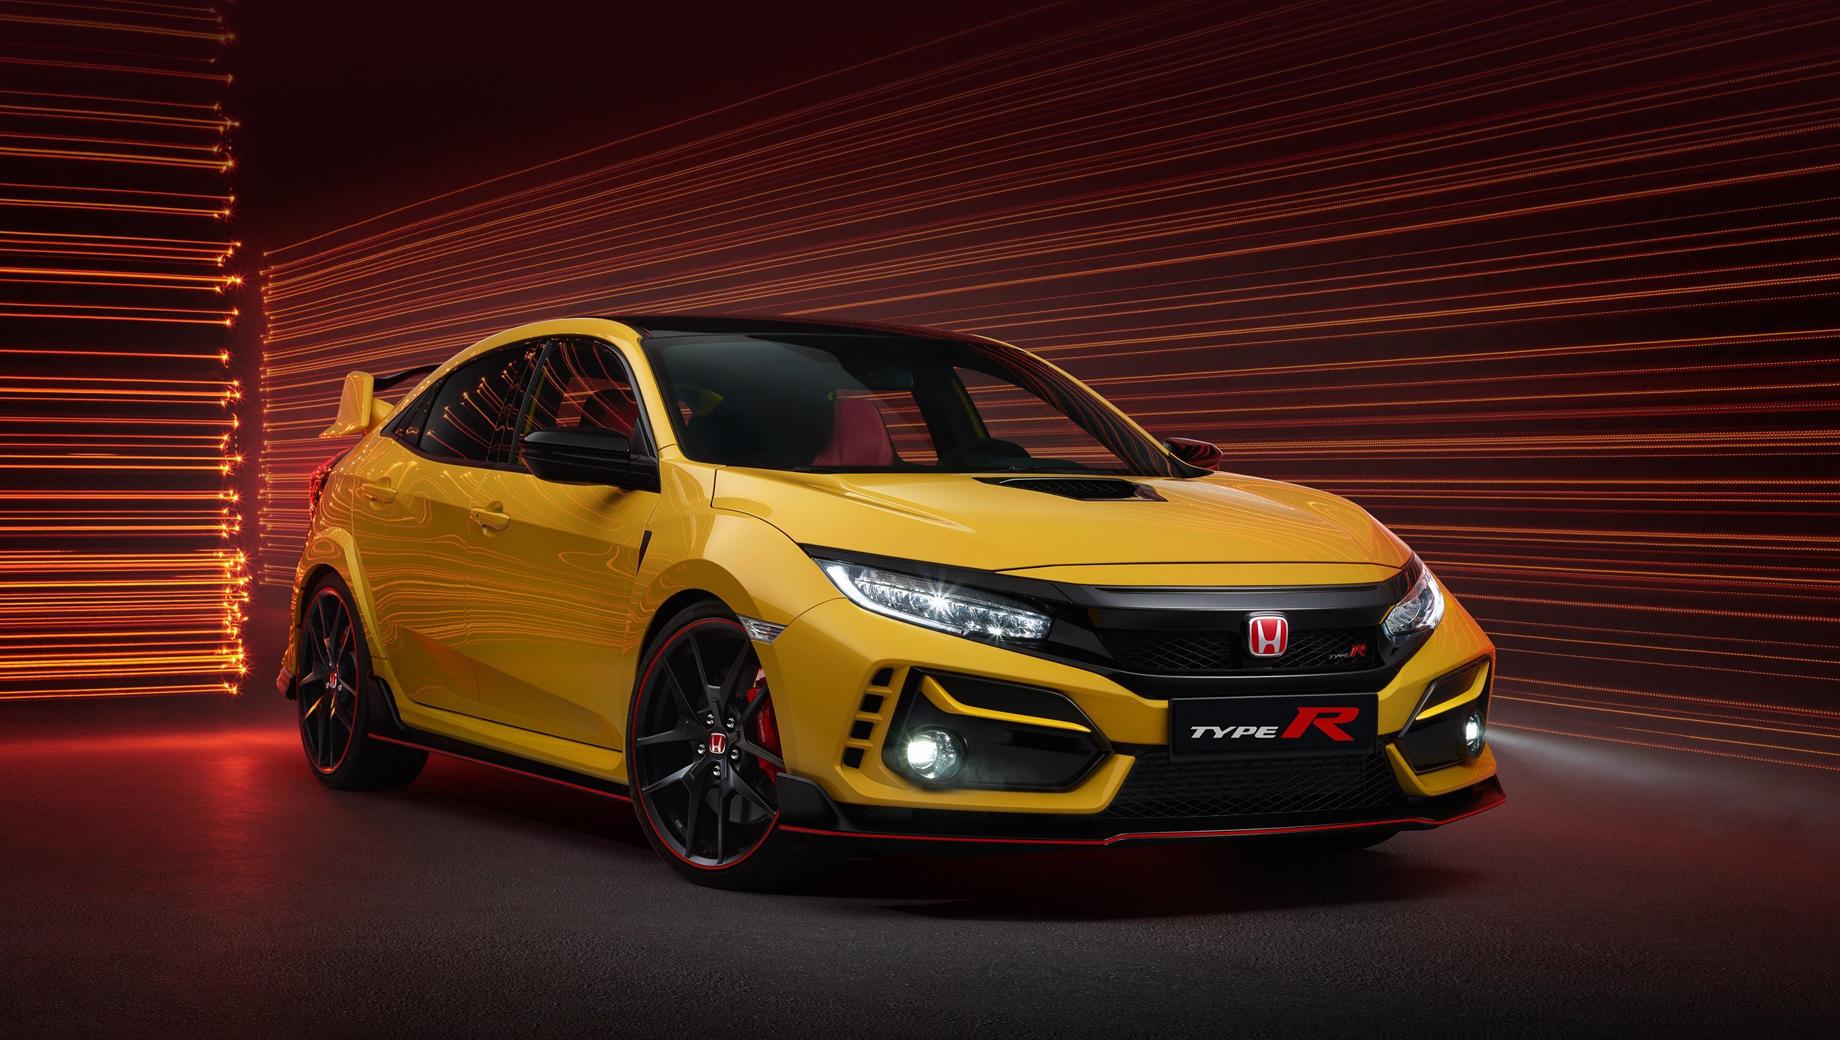 Honda civic,Honda civic type r. На всех вариантах хэтчбека Type R силовая установка неизменна: турбочетвёрка 2.0 (320 л.с., 400 Н•м) с шестиступенчатой «механикой» (параметры для Европы).